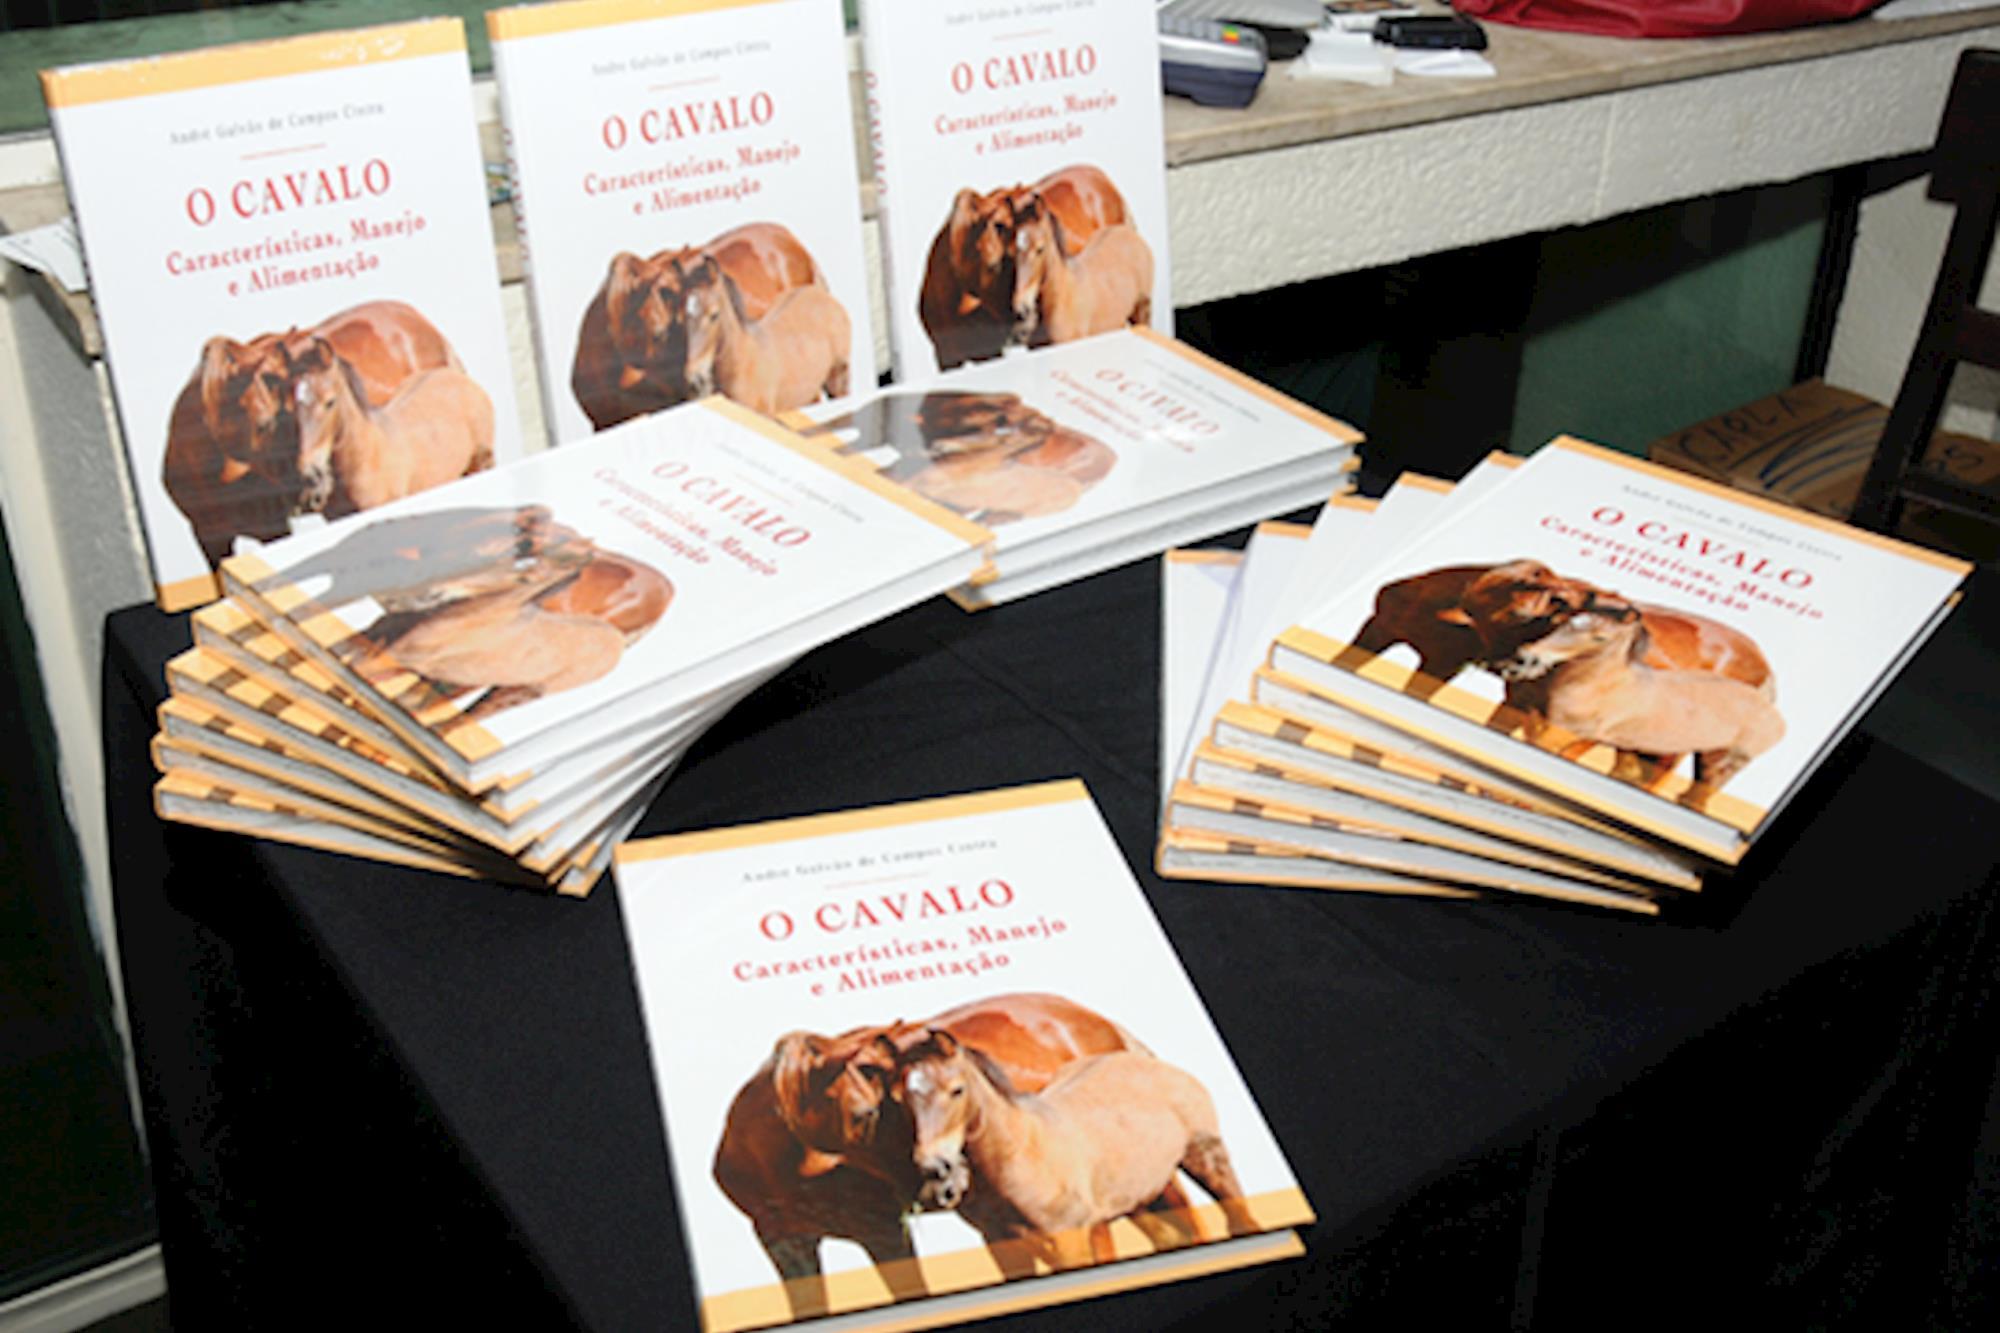 """""""O Cavalo:características,  manejo e alimentação"""" é oficialmente lançado"""